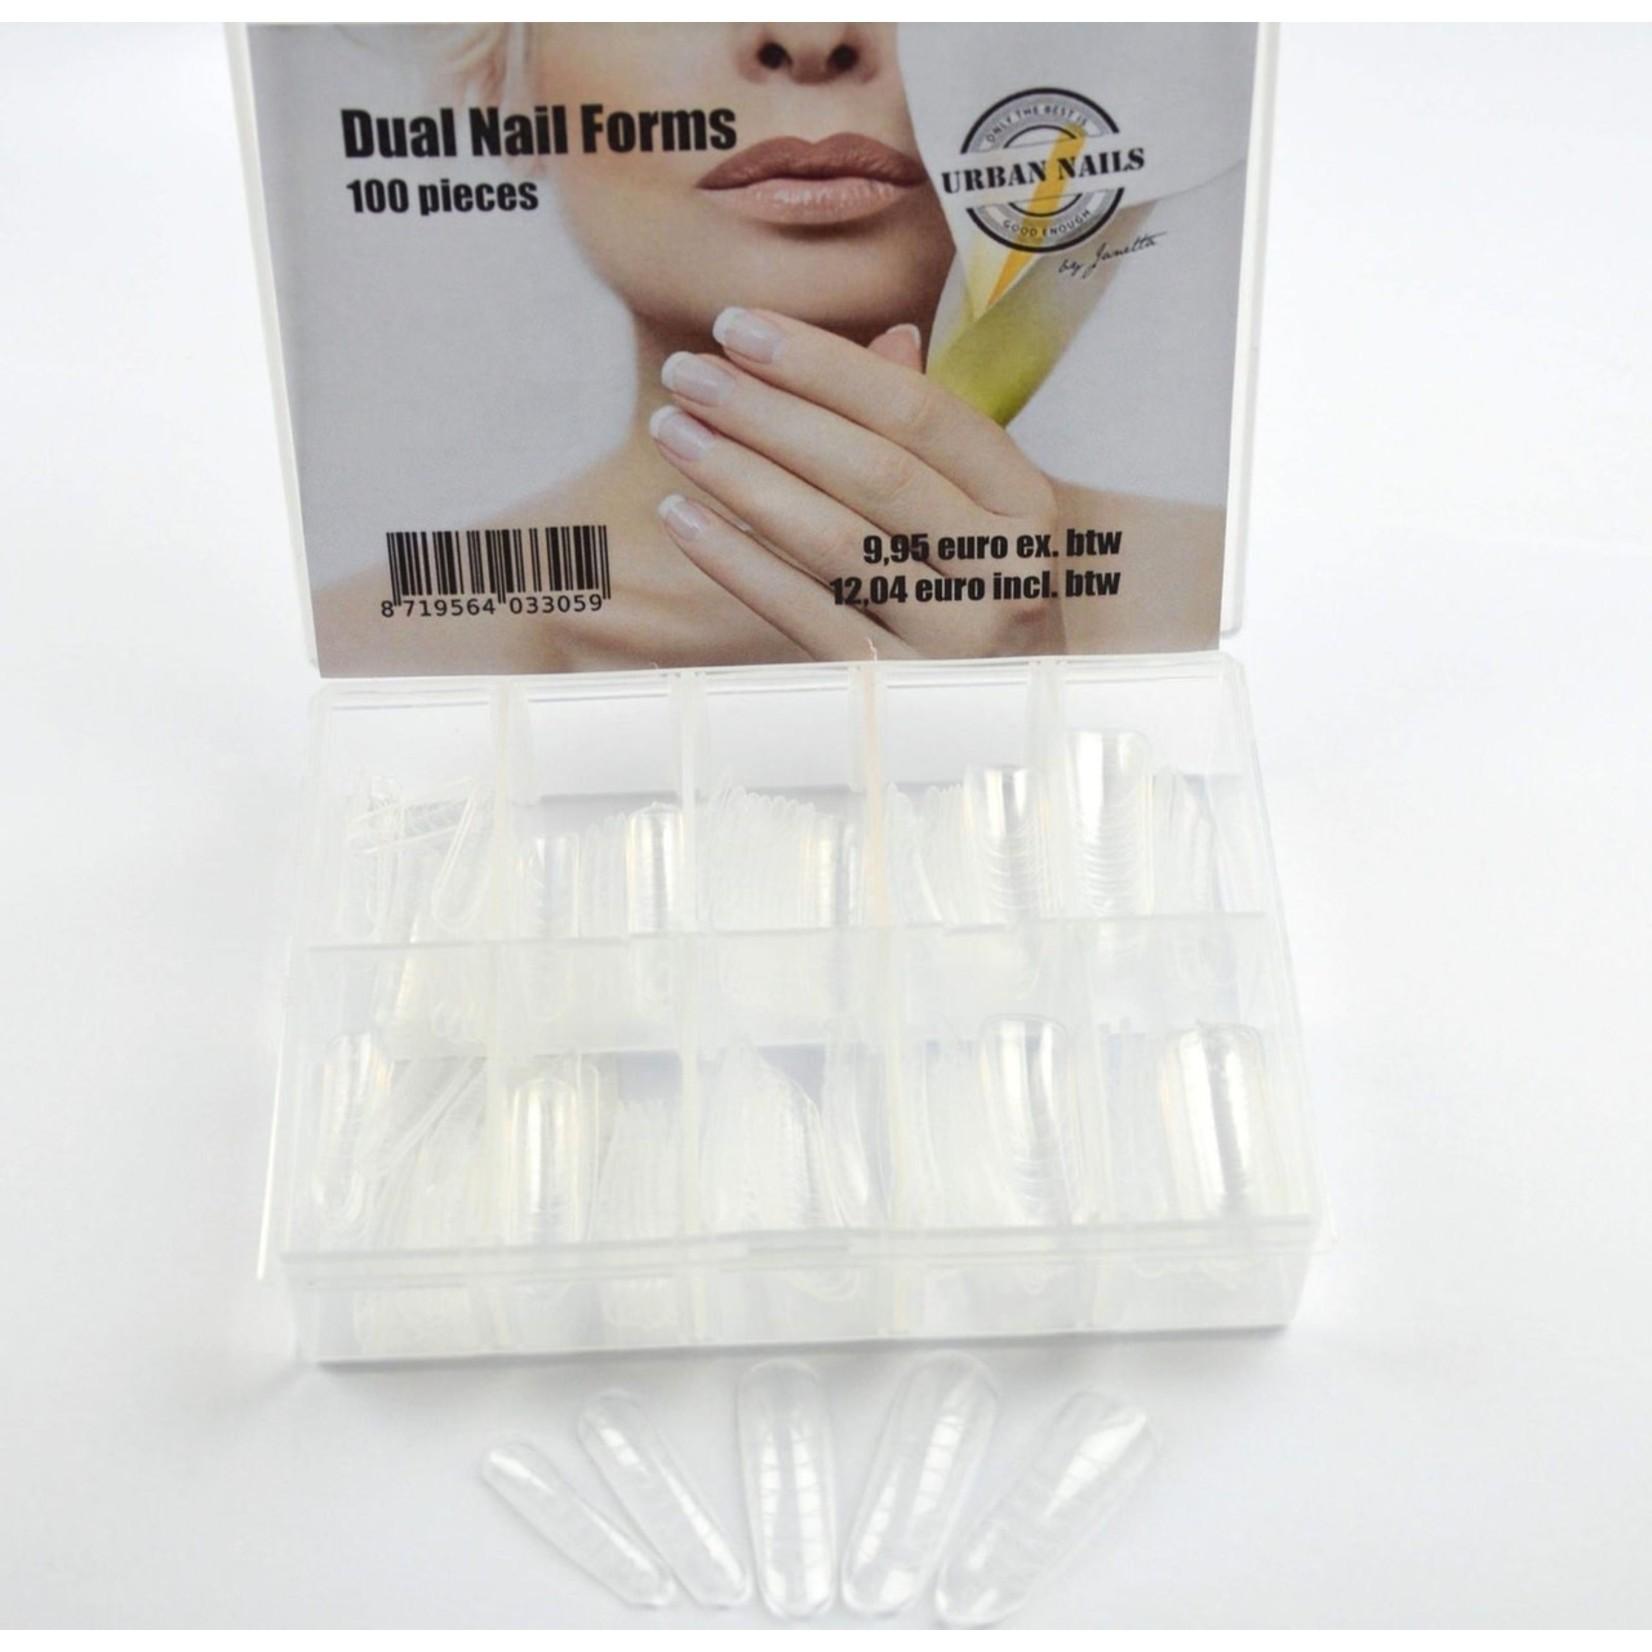 Urban Nails Dual Nail Forms